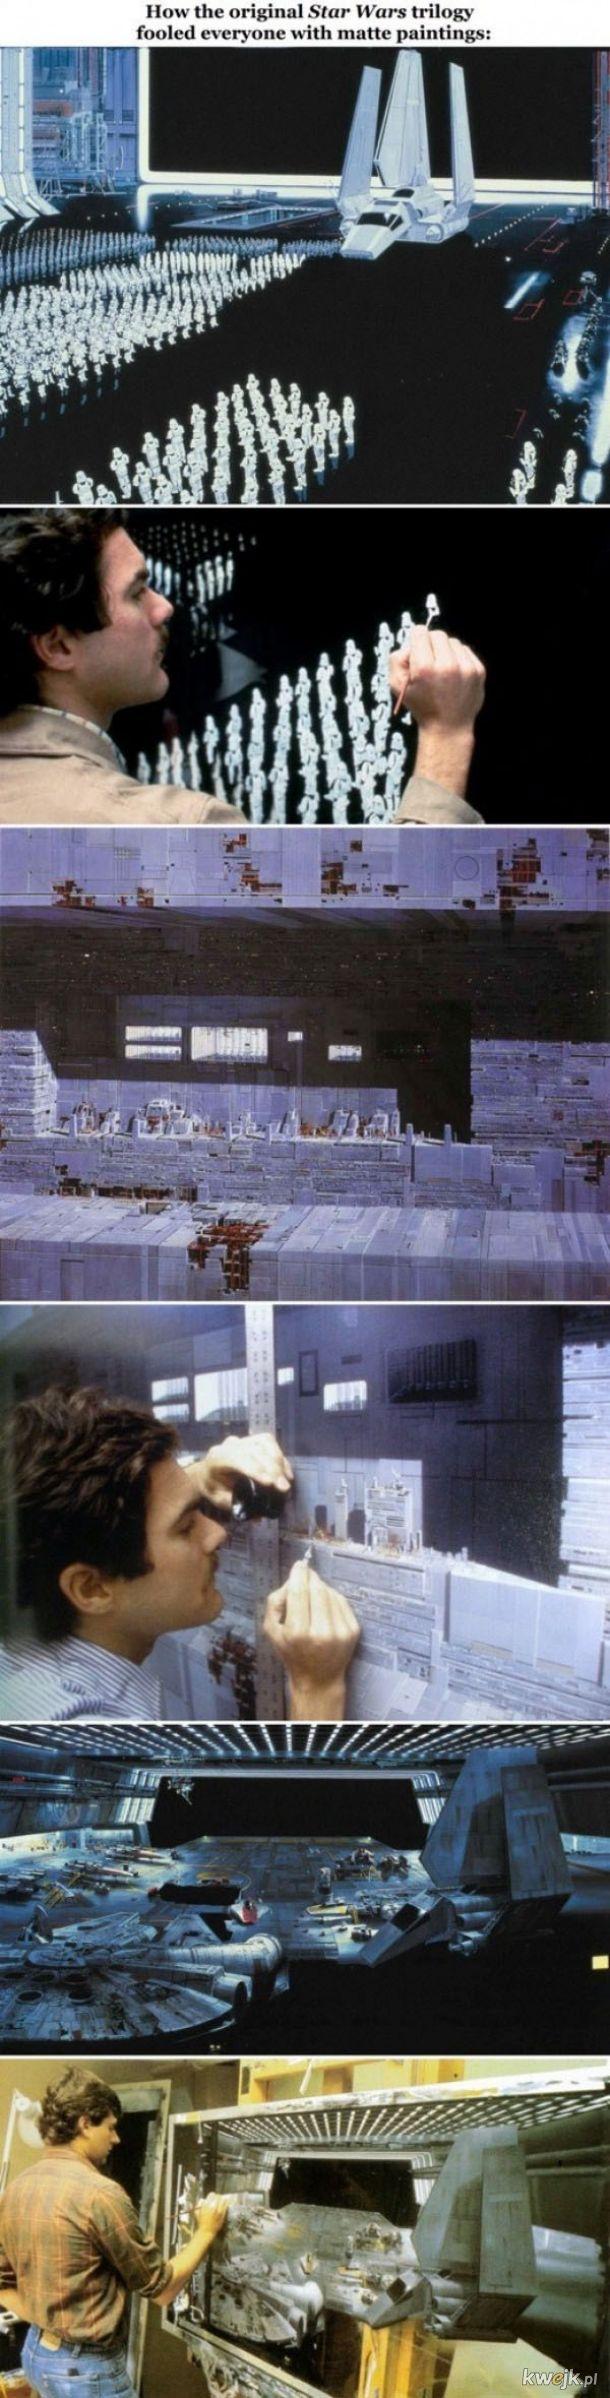 Tworzenie Star Wars